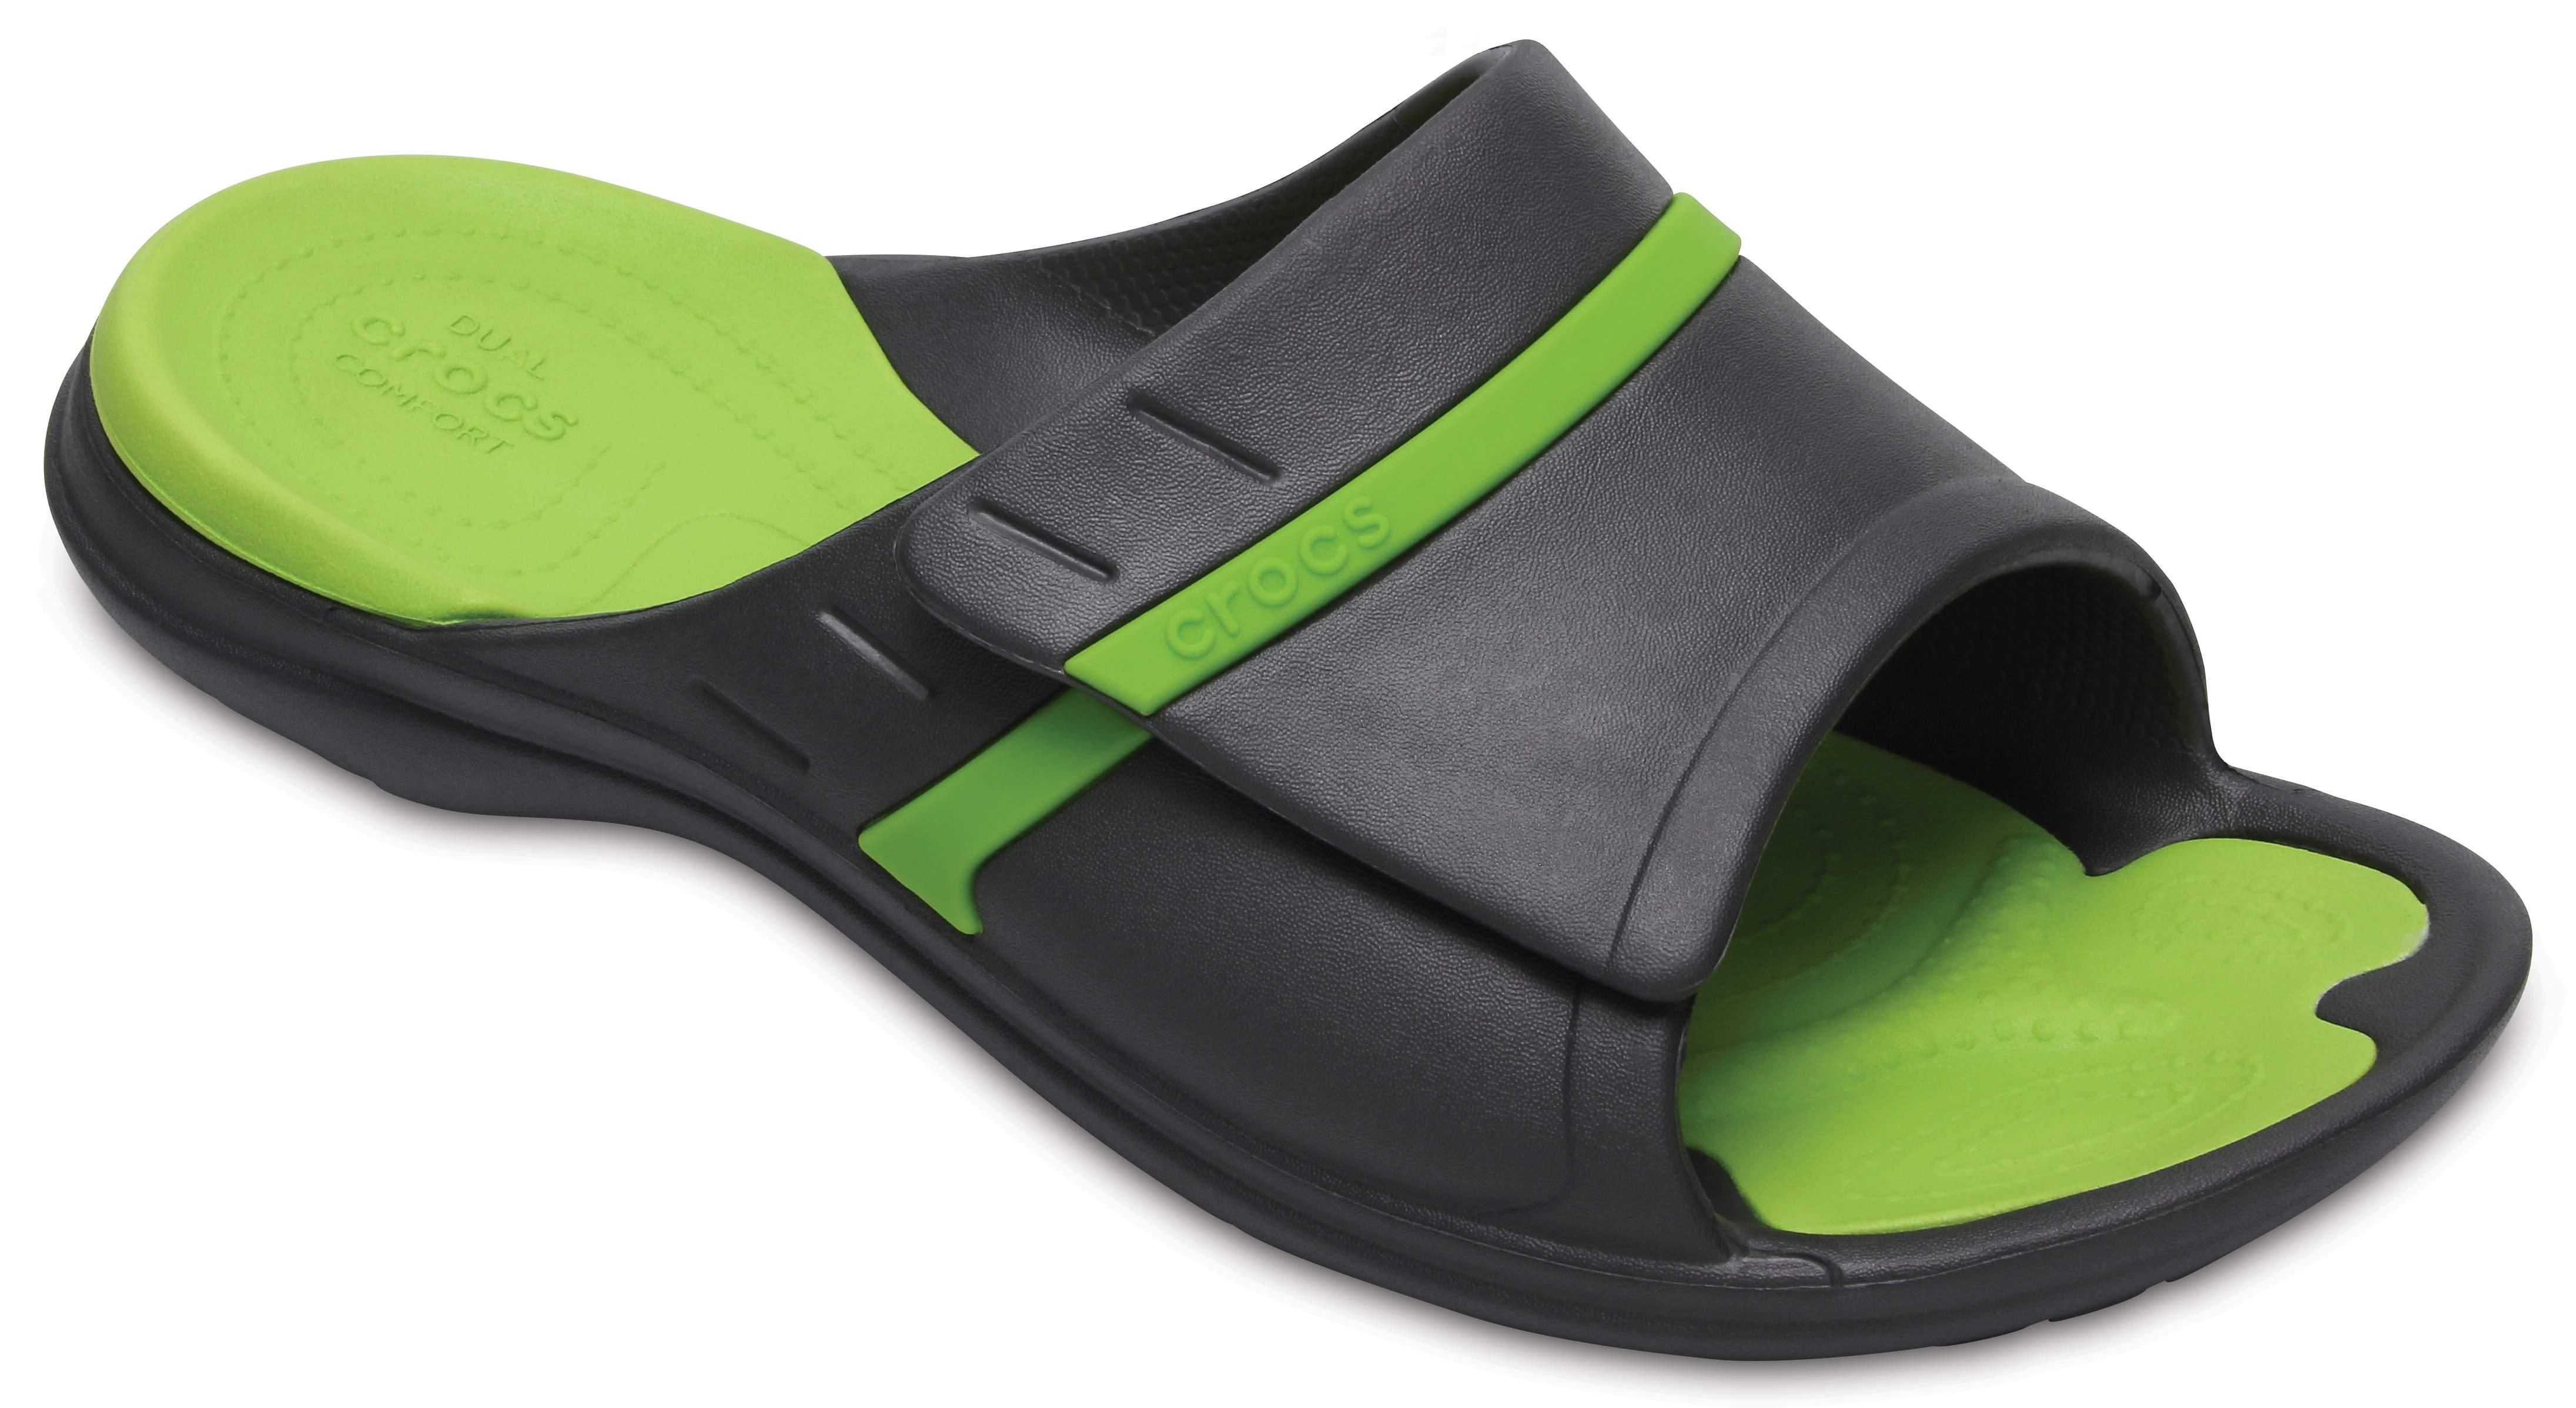 MODI Sport Slides